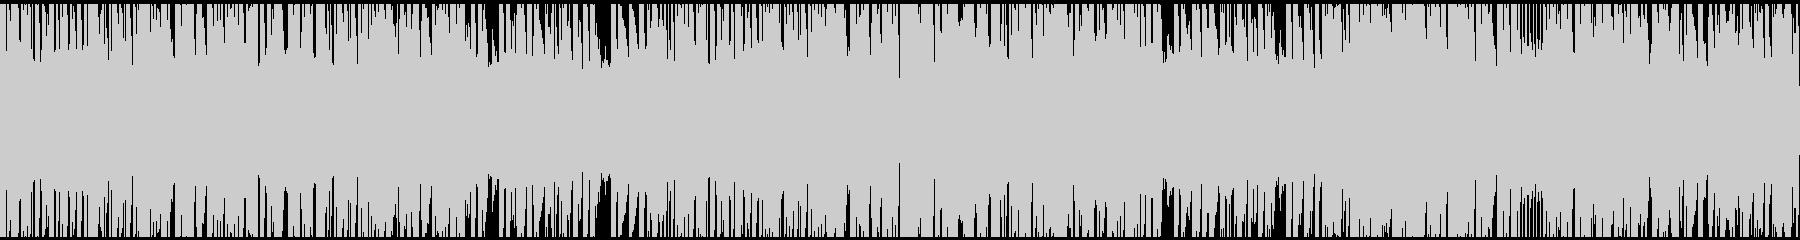 ドラムンベース ループ仕様の未再生の波形